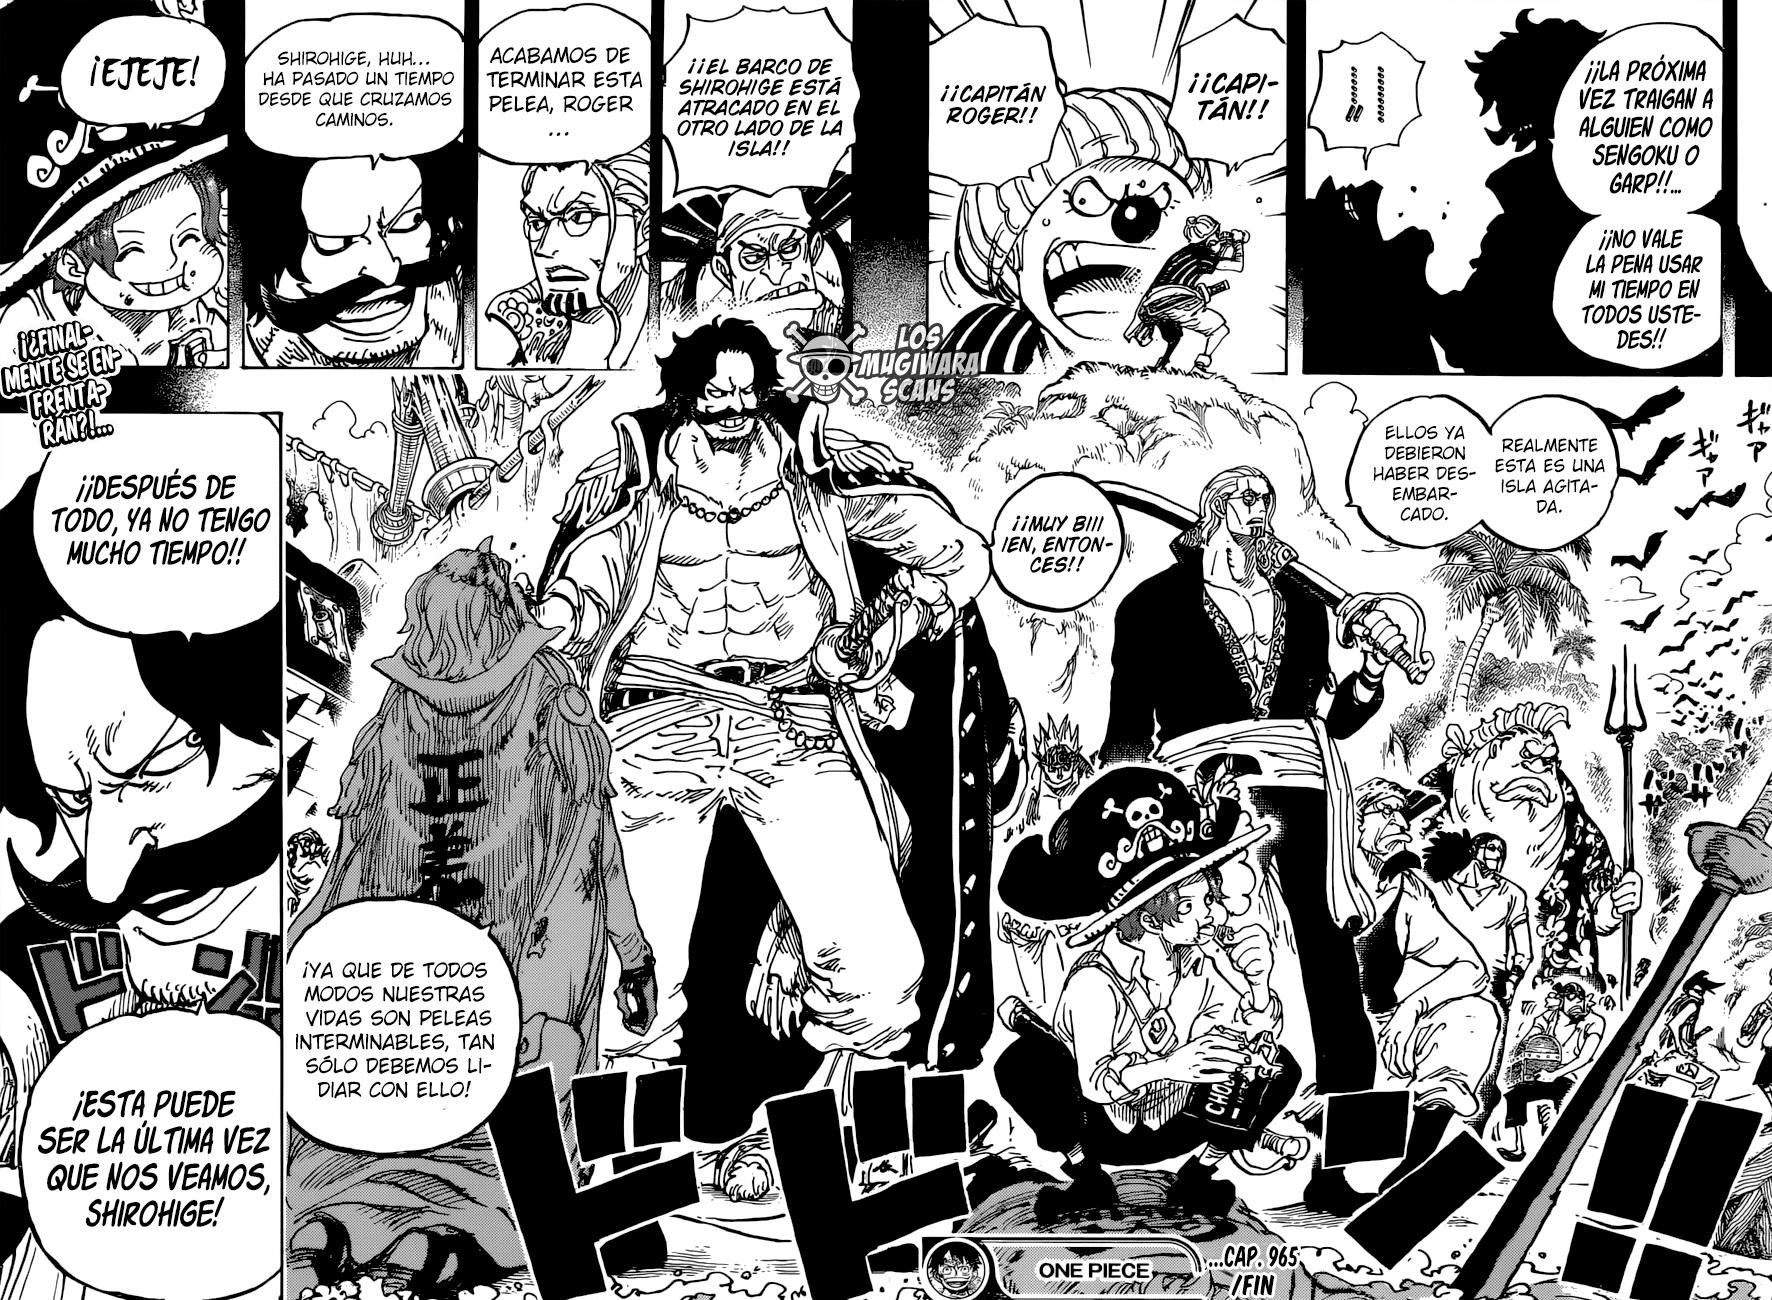 One Piece Manga 980-960 [Español] GIqzOOM9_o